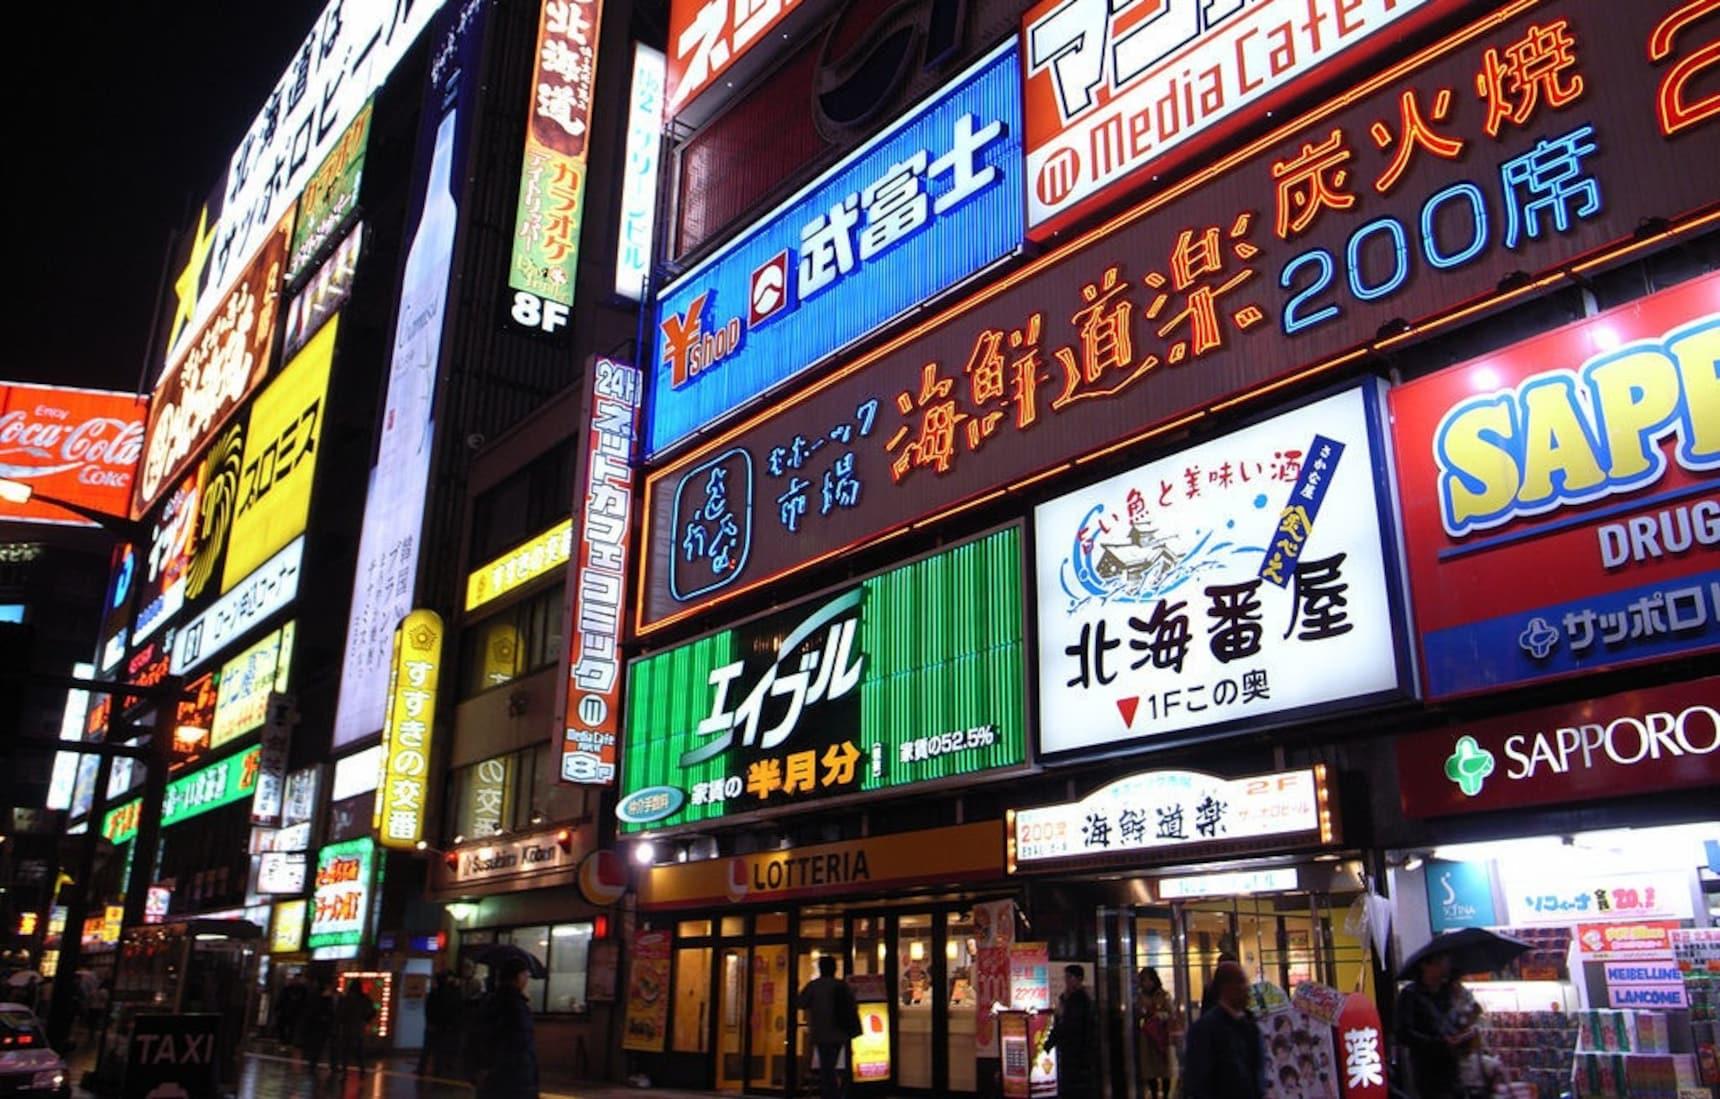 汉字虽相似,脸熟需注意 — 即使零基础都该知道的10个日文单词